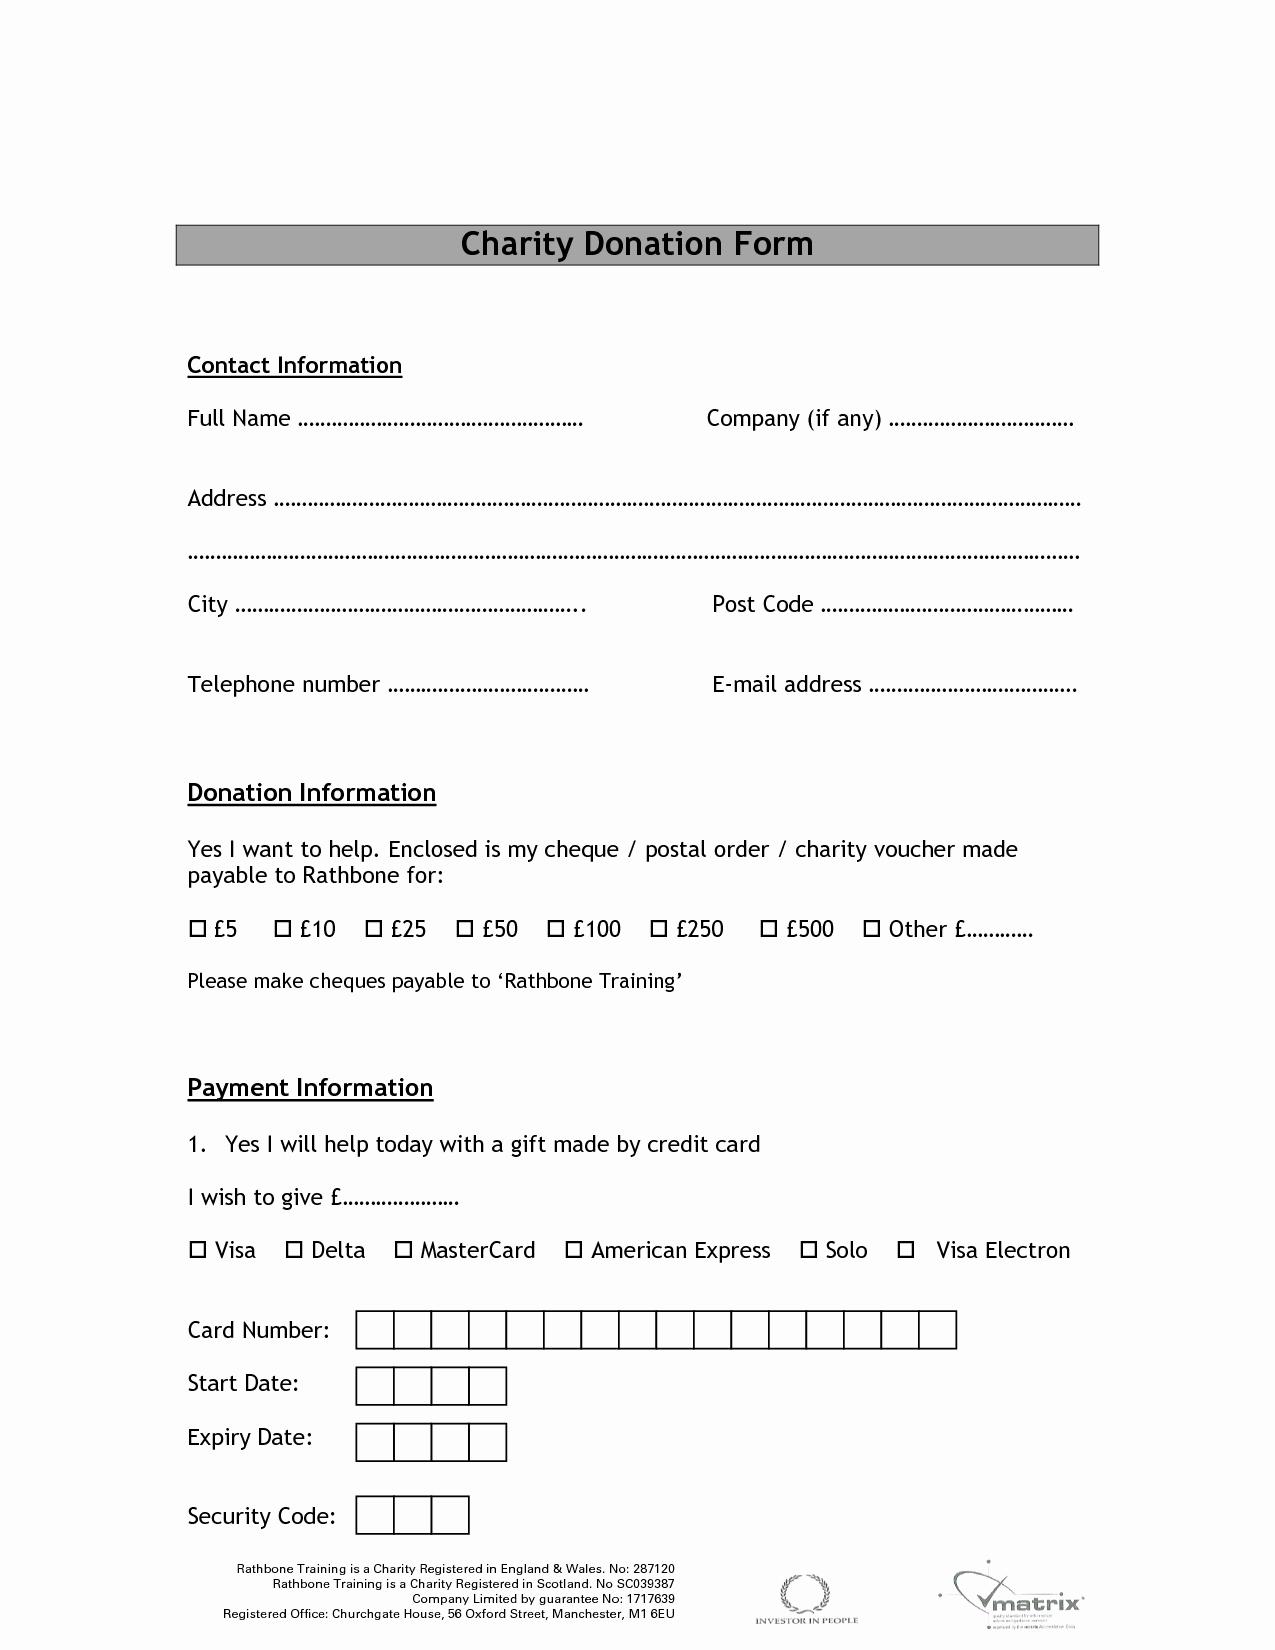 Charitable Donation form Template Unique Charity Donation form Template Free Printable Documents